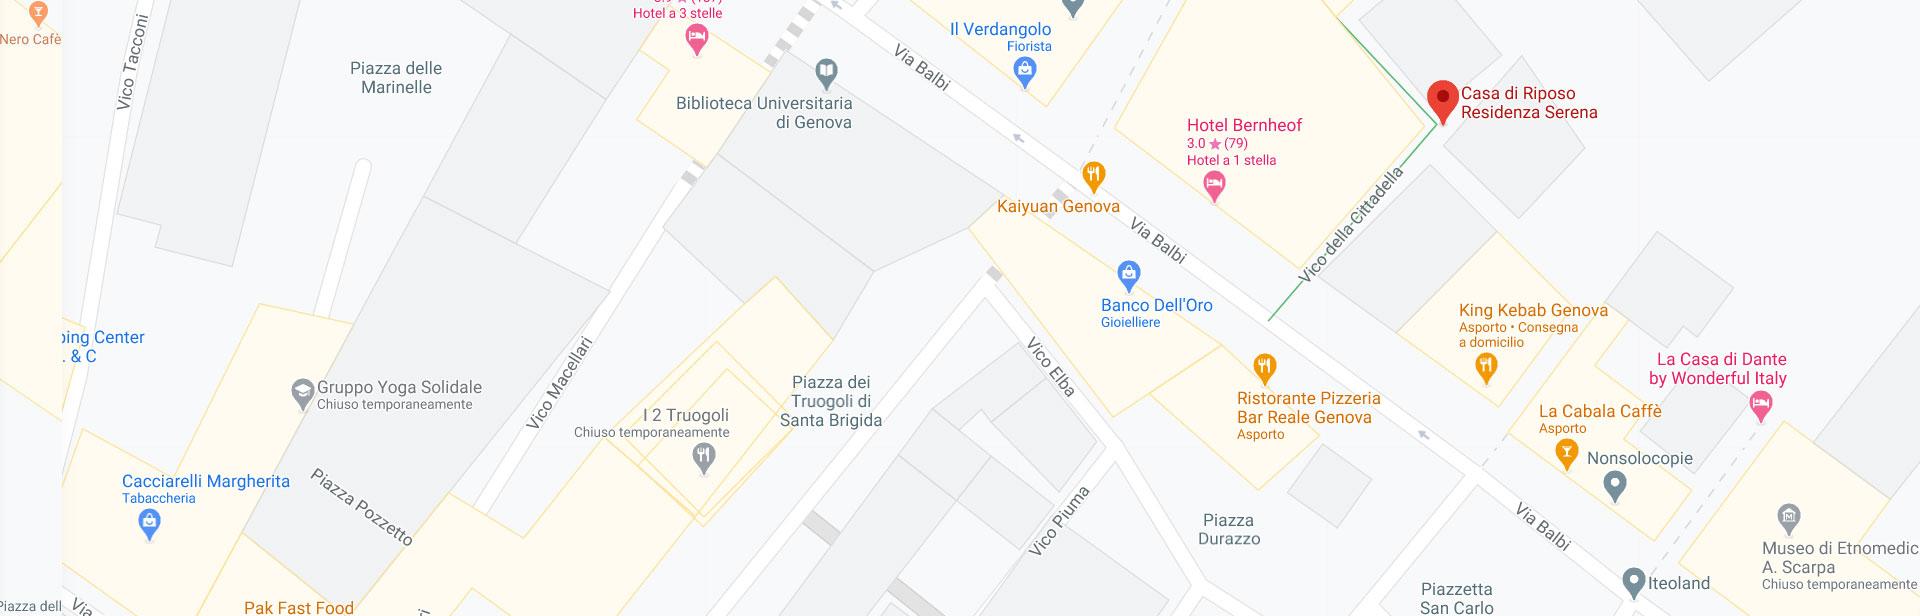 Casa di riposo Genova Residenza Serena